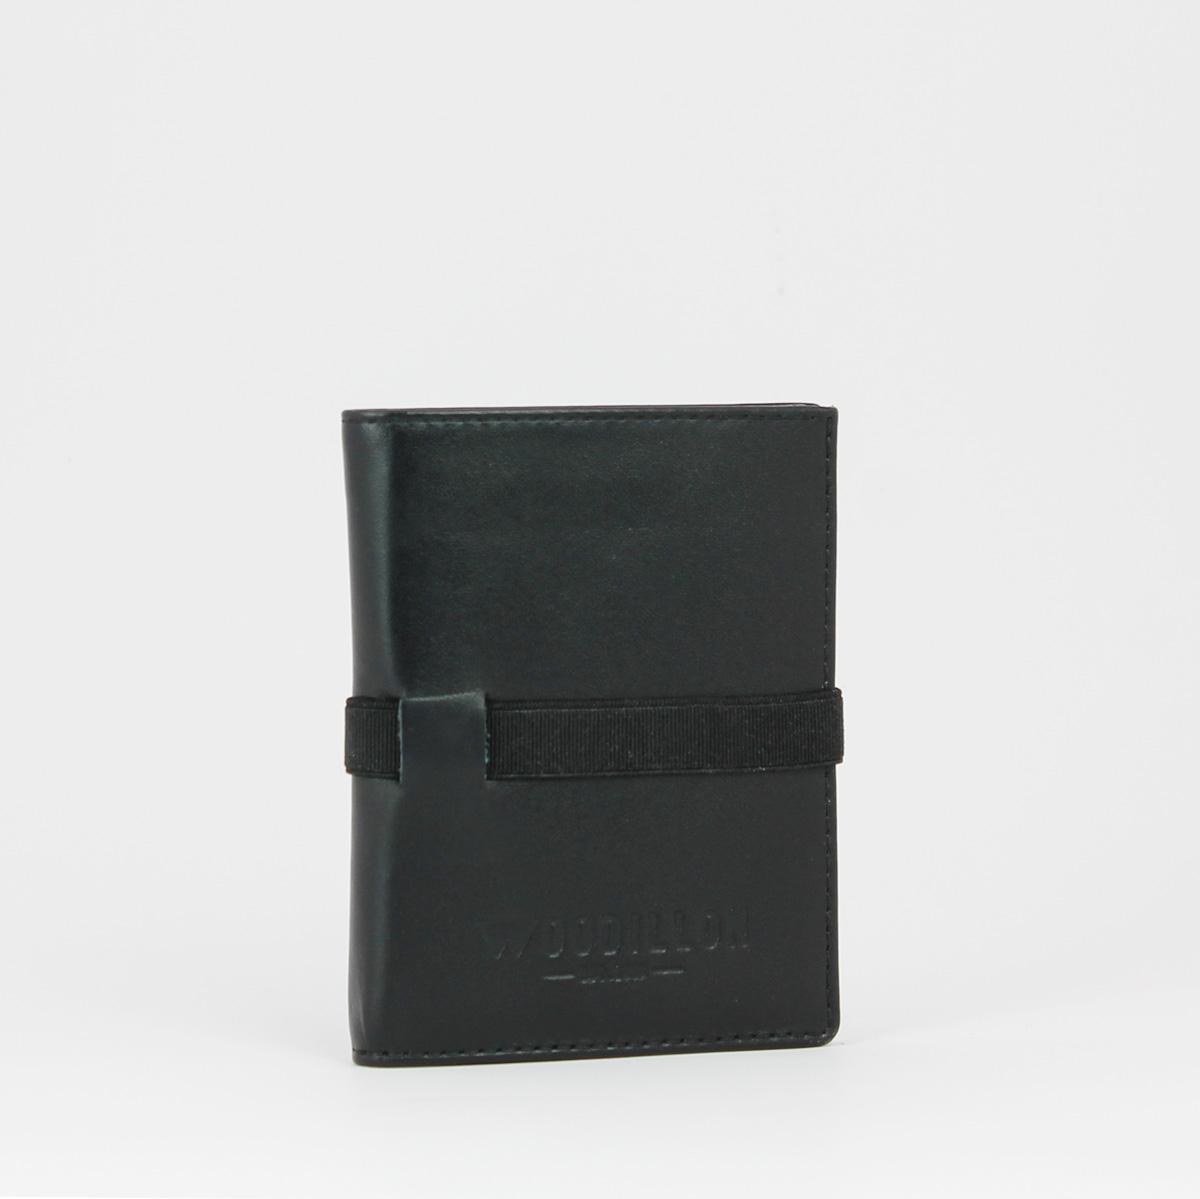 Portafoglio smart 72 nero woodillon